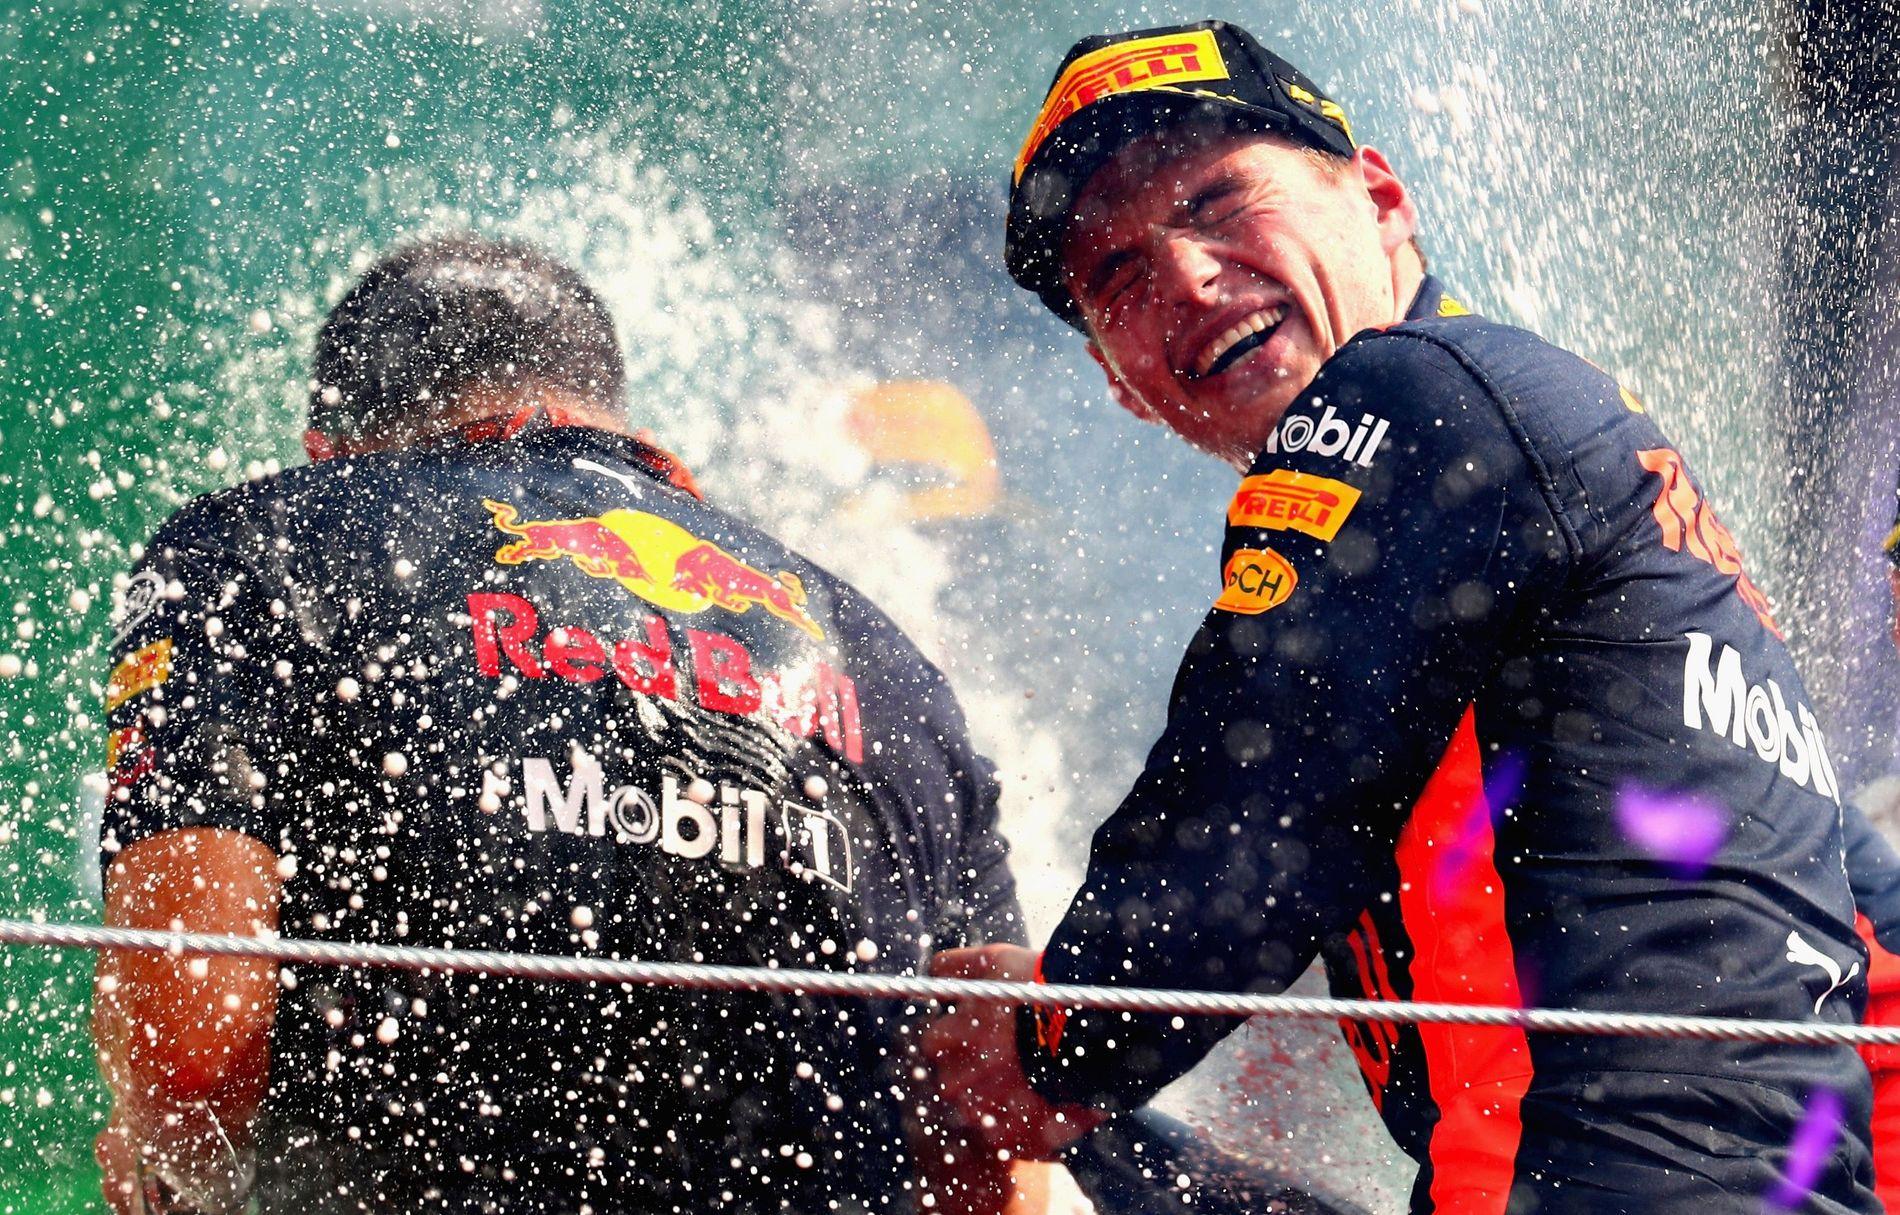 VANT: Max Verstappen fra Nederland vant Forme1-løpet i Mexico for ei drøy uke siden. Her feirer han med champagne.